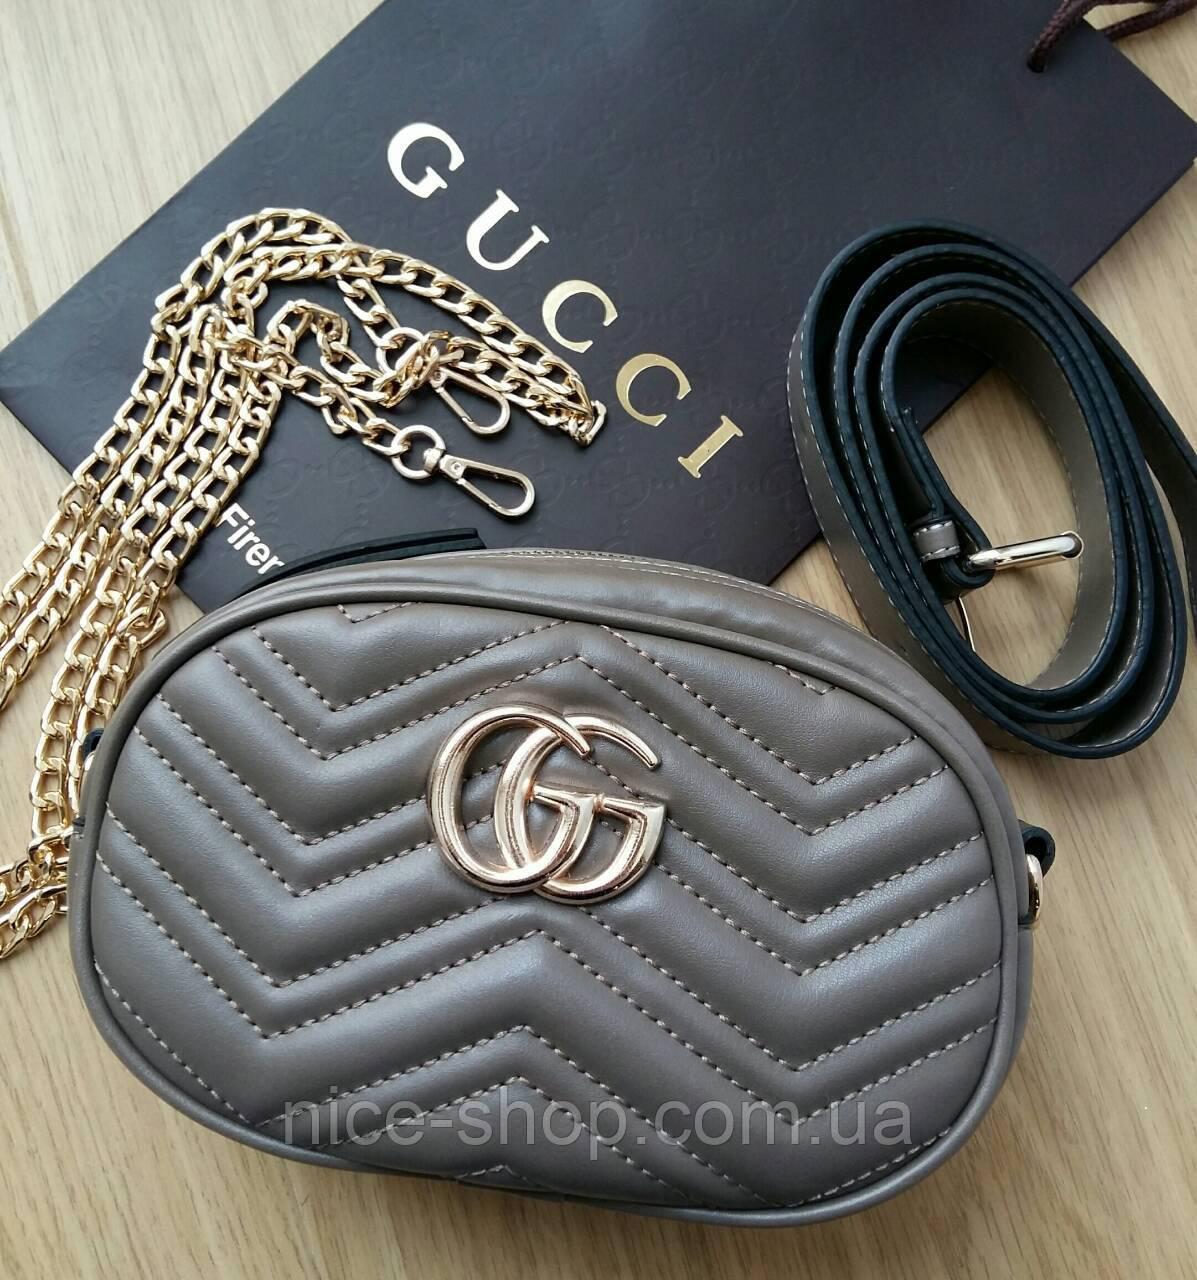 Сумочка Gucci Marmont капучино, эко-кожа